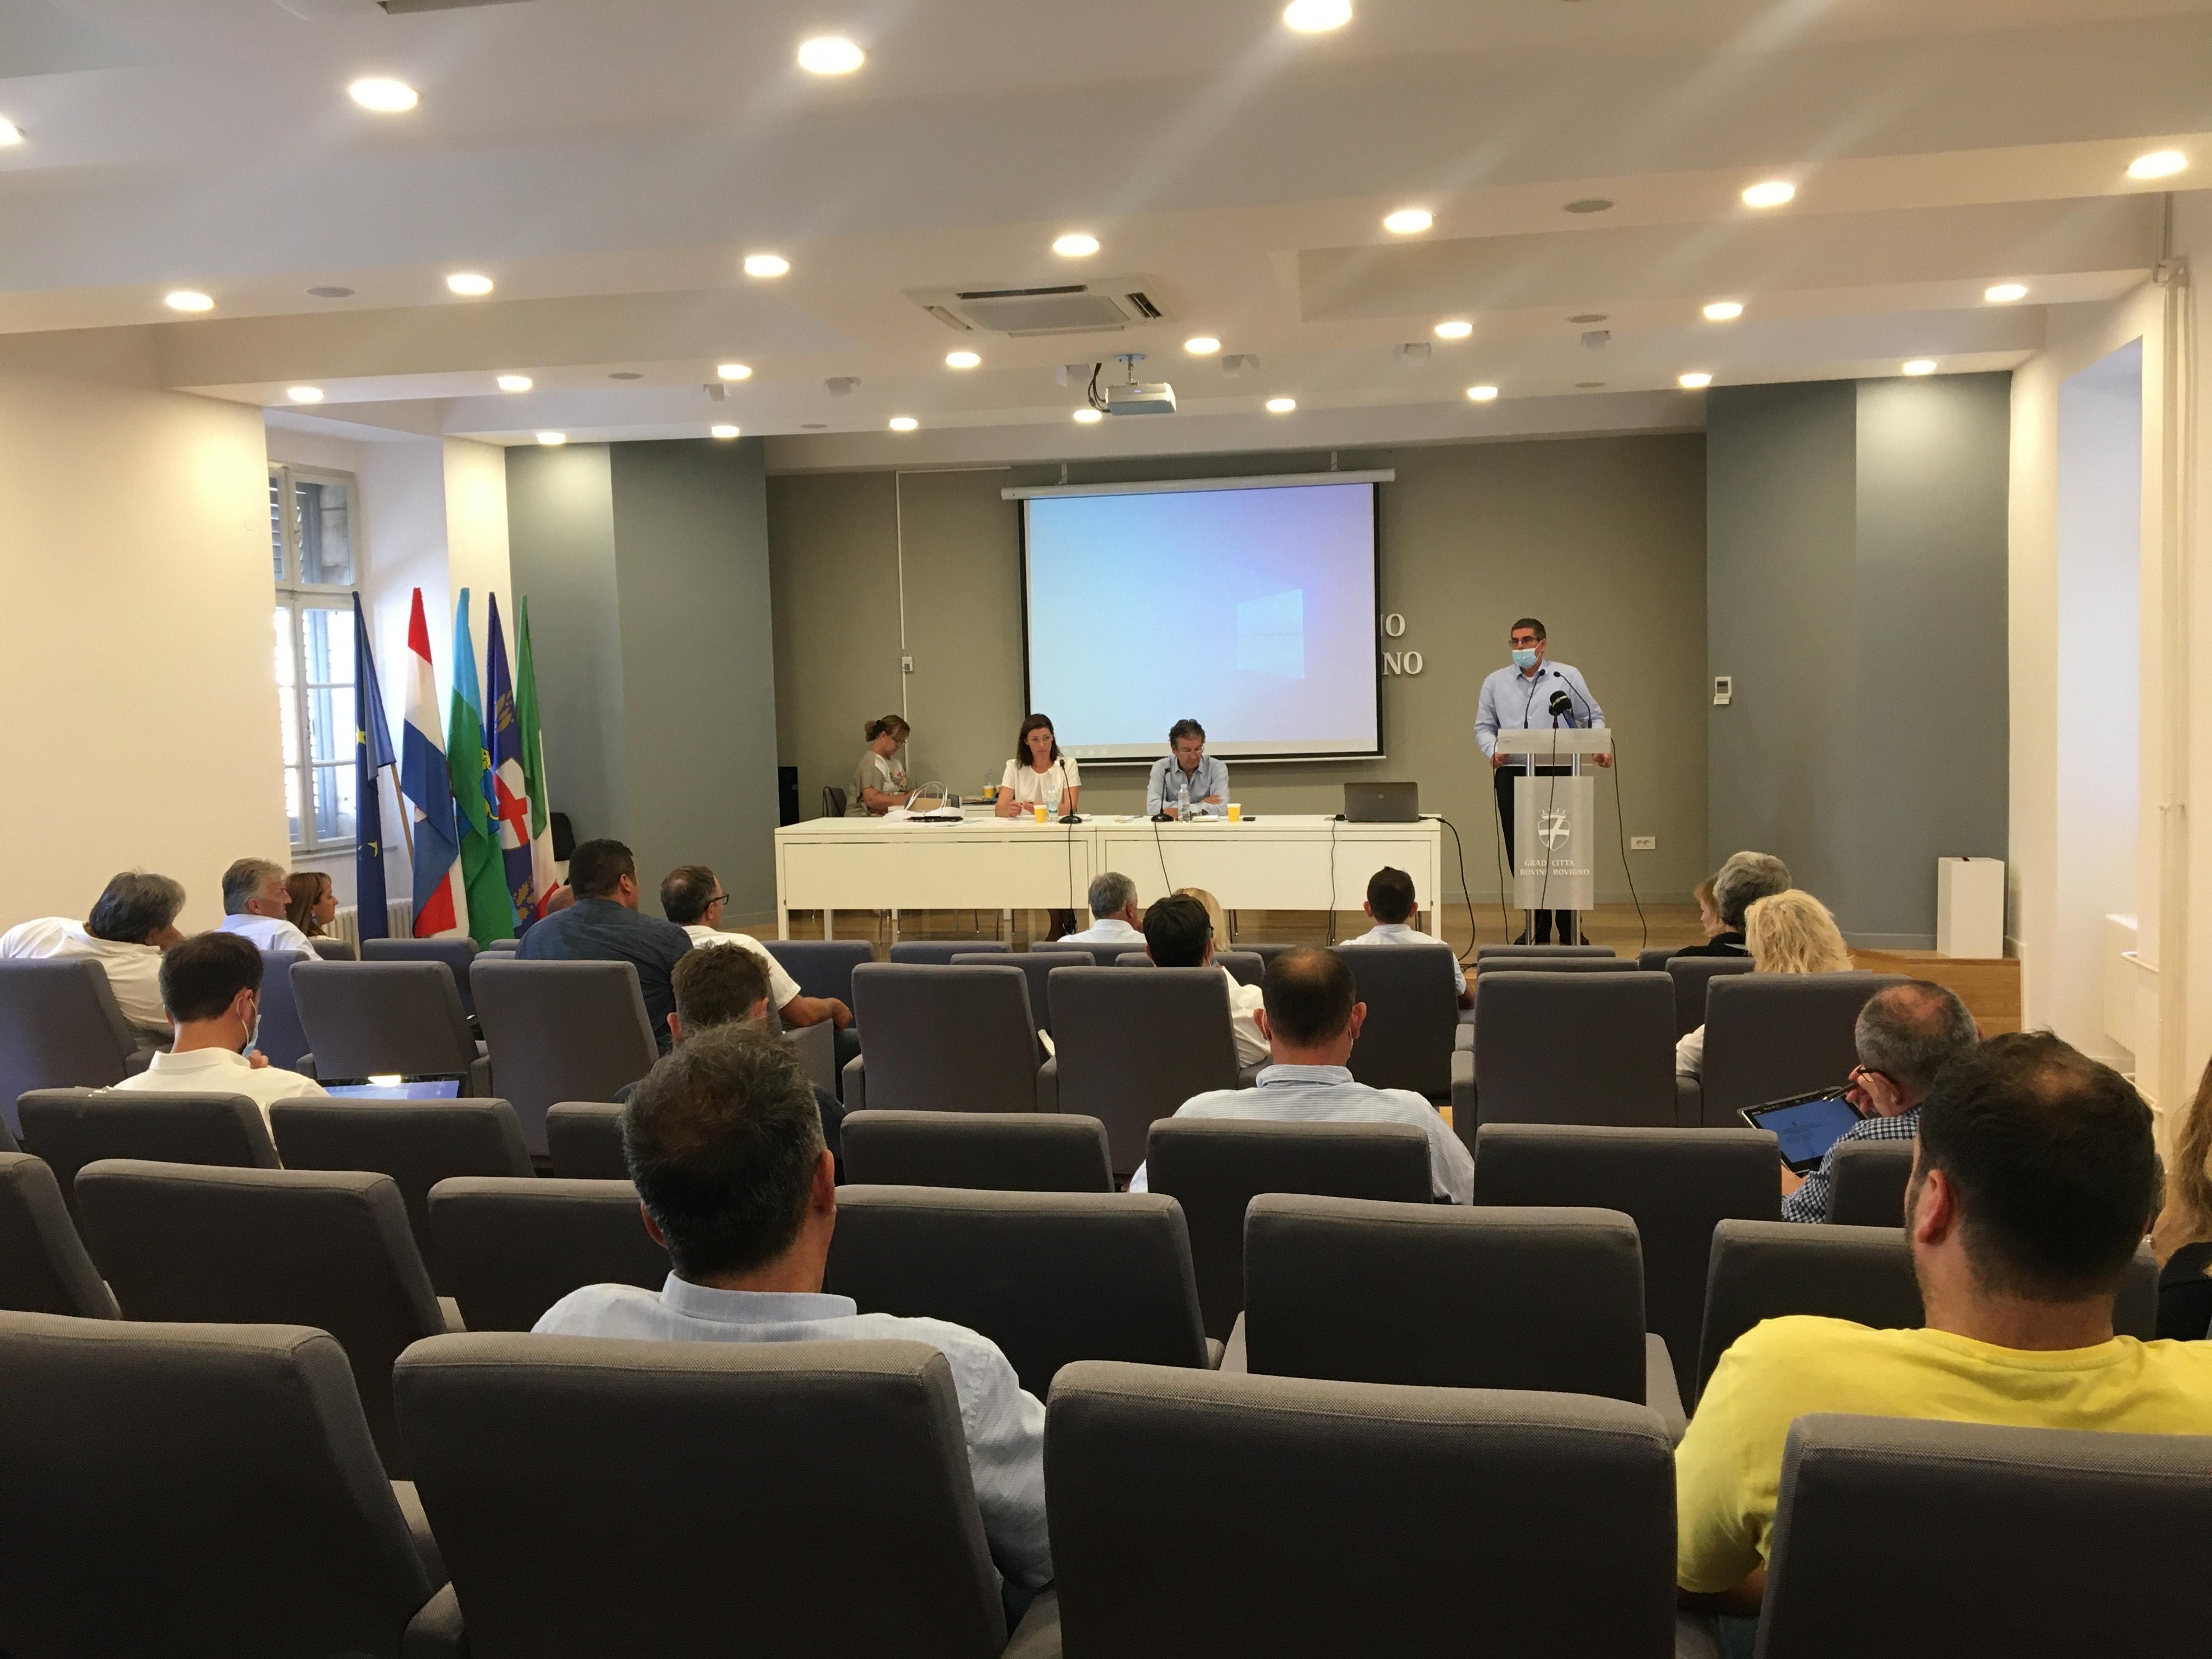 Održana 7/20. sjednica Gradskog vijeća Grada Rovinja-Rovigno